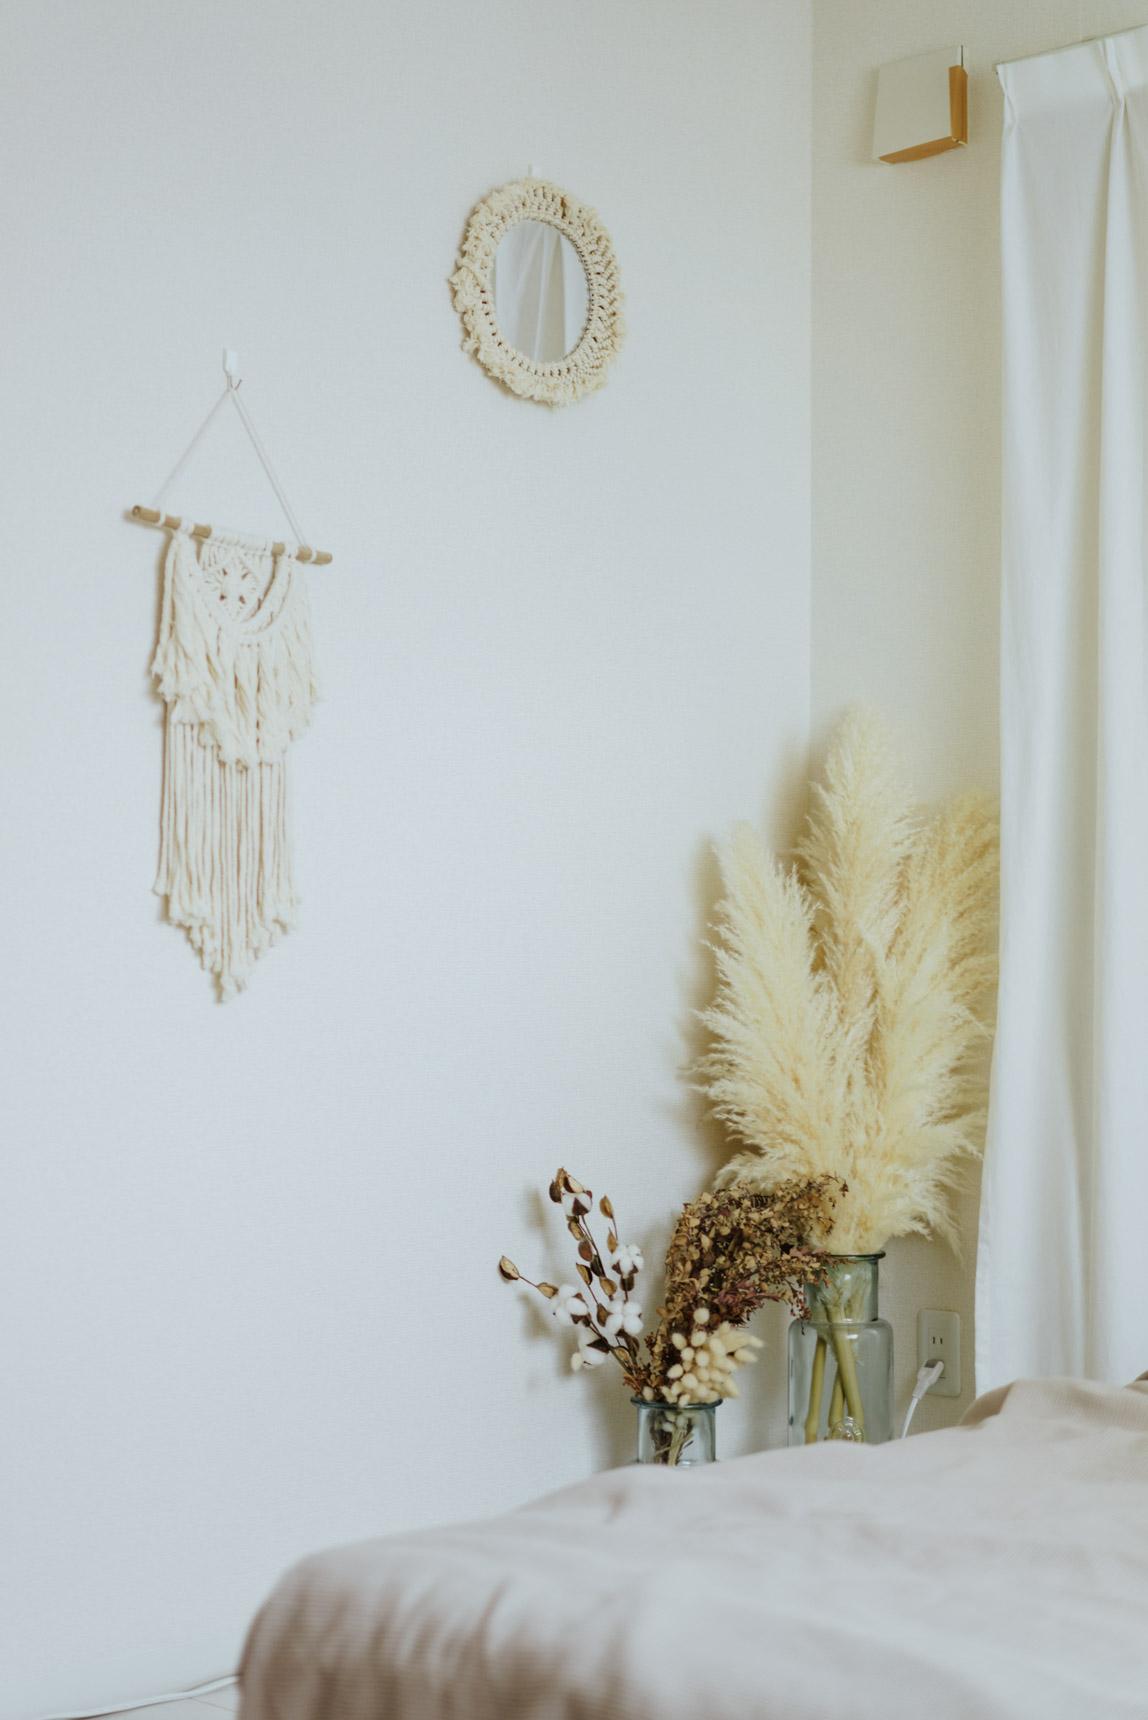 壁には、ちょっとボヘミアンを感じさせるマクラメなどの飾り。大きなパンパスグラスもアイキャッチになっていて素敵です。